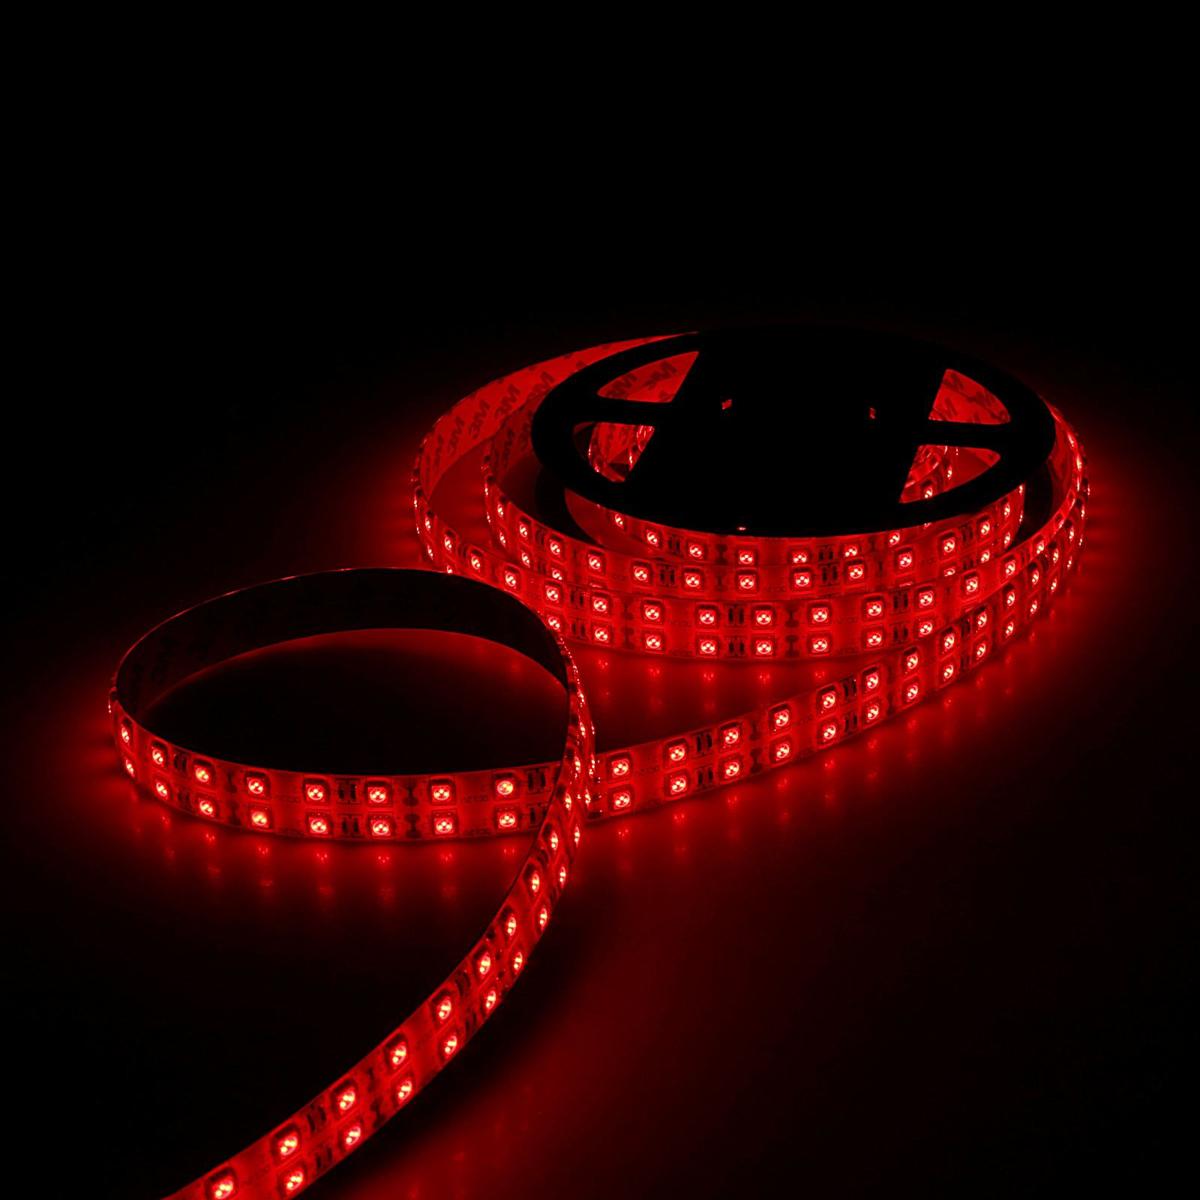 Светодиодная лента Sima-land, 12В, SMD5050, длина 5 м, IP33, 120 LED ламп, 28.8 Вт/м, 10-12 Лм/1 LED, DC, цвет: красный848553Светодиодные гирлянды, ленты и т.д — это отличный вариант для новогоднего оформления интерьера или фасада. С их помощью помещение любого размера можно превратить в праздничный зал, а внешние элементы зданий, украшенные ими, мгновенно станут напоминать очертания сказочного дворца. Такие украшения создают ауру предвкушения чуда. Деревья, фасады, витрины, окна и арки будто специально созданы, чтобы вы украсили их светящимися нитями.